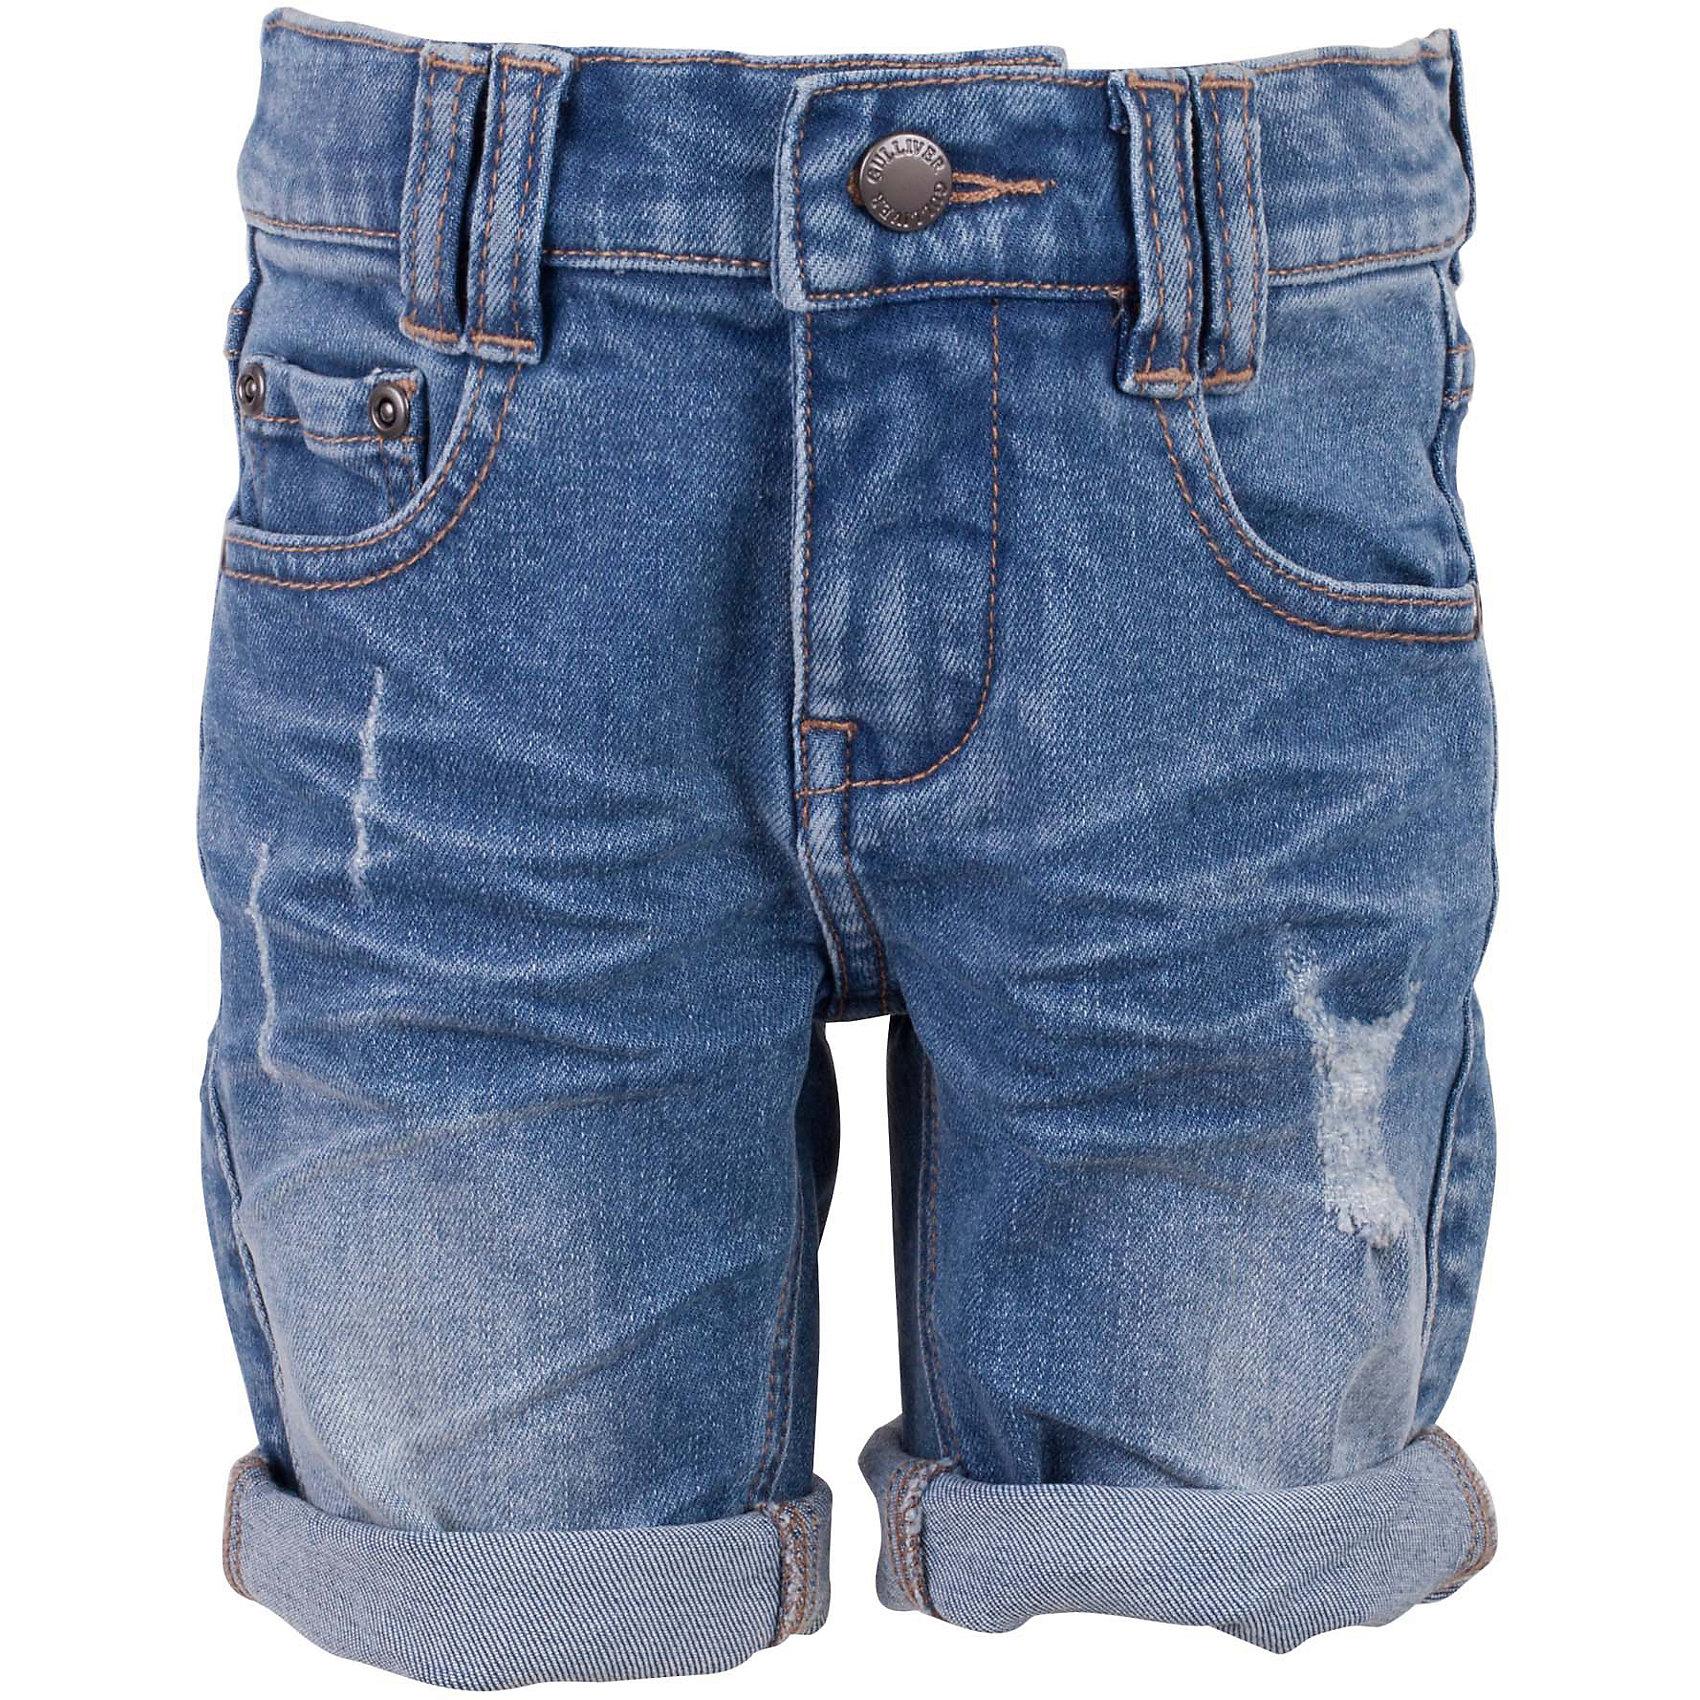 Шорты для мальчика GulliverДжинсовые шорты для мальчика - изделие из разряда must have! Во-первых, это стильный удобный элемент гардероба, идеально подходящий к любой футболке, майке, джемперу. Во-вторых, джинсовые шорты очень практичны, а значит, незаменимы для активных игр и долгих прогулок. Многие, конечно, уже привыкли к стильным джинсовым изделиям от Gulliver! Модная посадка изделия на фигуре, варка, повреждения, потертости... В сезоне Весна/Лето 2017 у вас снова есть шанс купить шорты от лучшего бренда! Голубые джинсовые шорты для мальчика - оптимальное решение для яркого и комфортного лета!<br>Состав:<br>100% хлопок<br><br>Ширина мм: 191<br>Глубина мм: 10<br>Высота мм: 175<br>Вес г: 273<br>Цвет: голубой<br>Возраст от месяцев: 36<br>Возраст до месяцев: 48<br>Пол: Мужской<br>Возраст: Детский<br>Размер: 104,110,116,98<br>SKU: 5483927